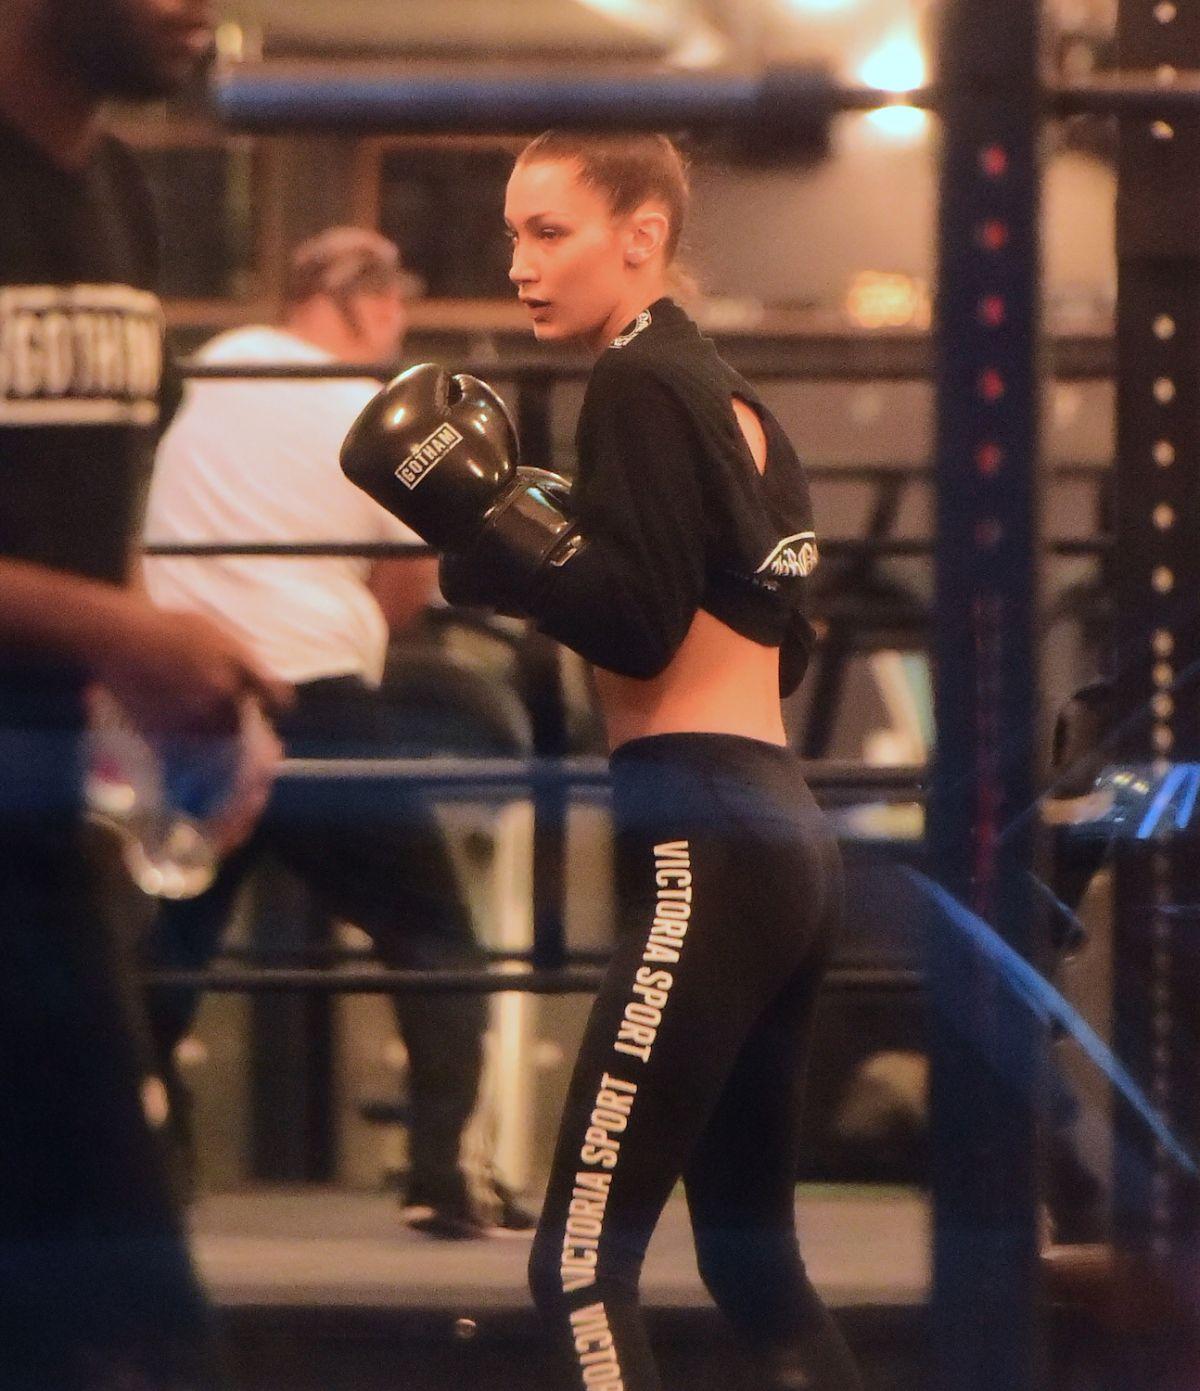 bella-hadid-at-gotham-gym-in-new-york-11-16-2016_20